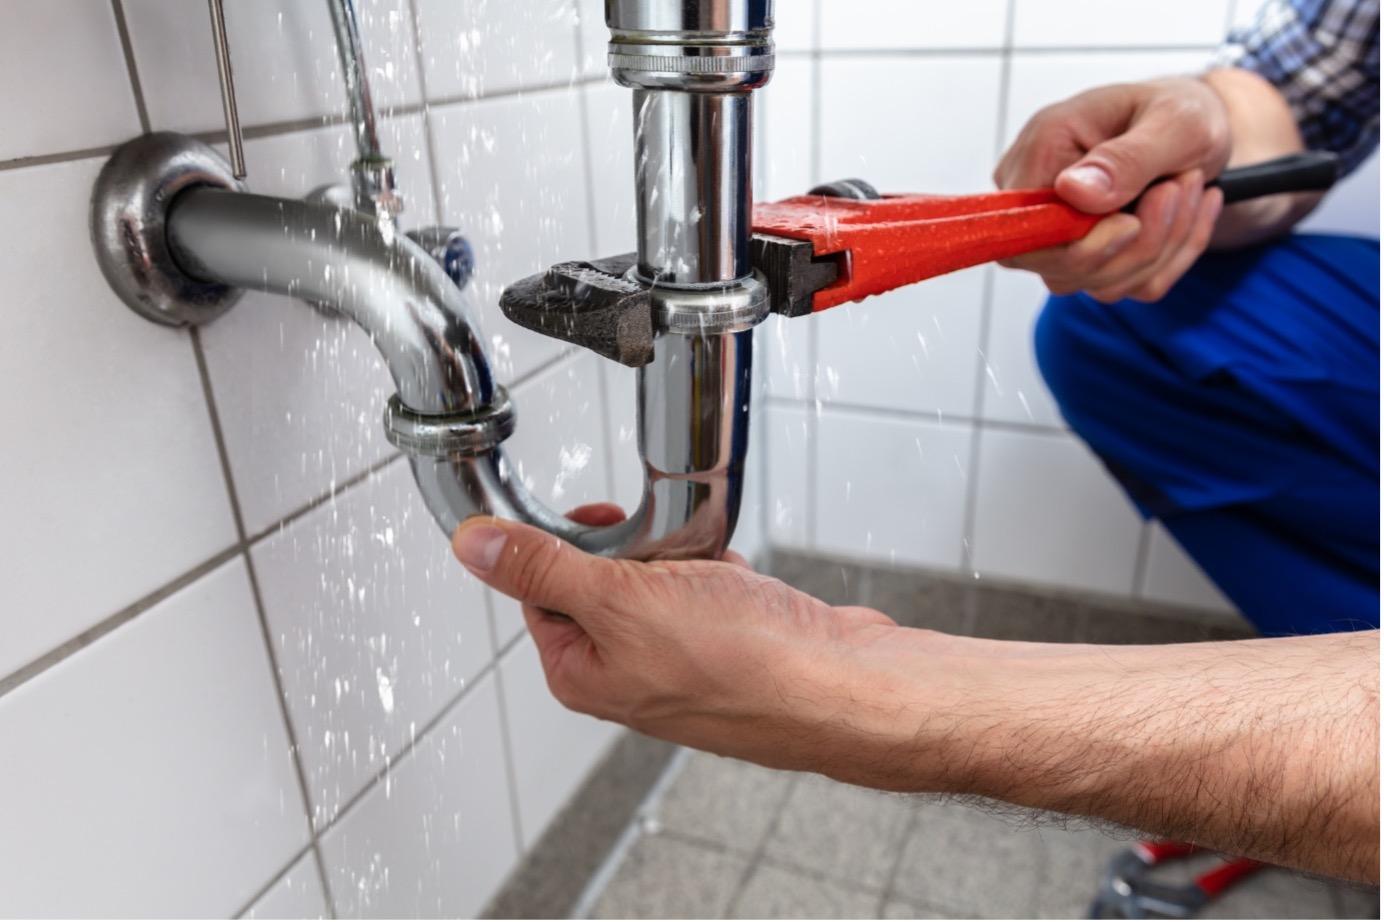 Leaks in Plumbing System